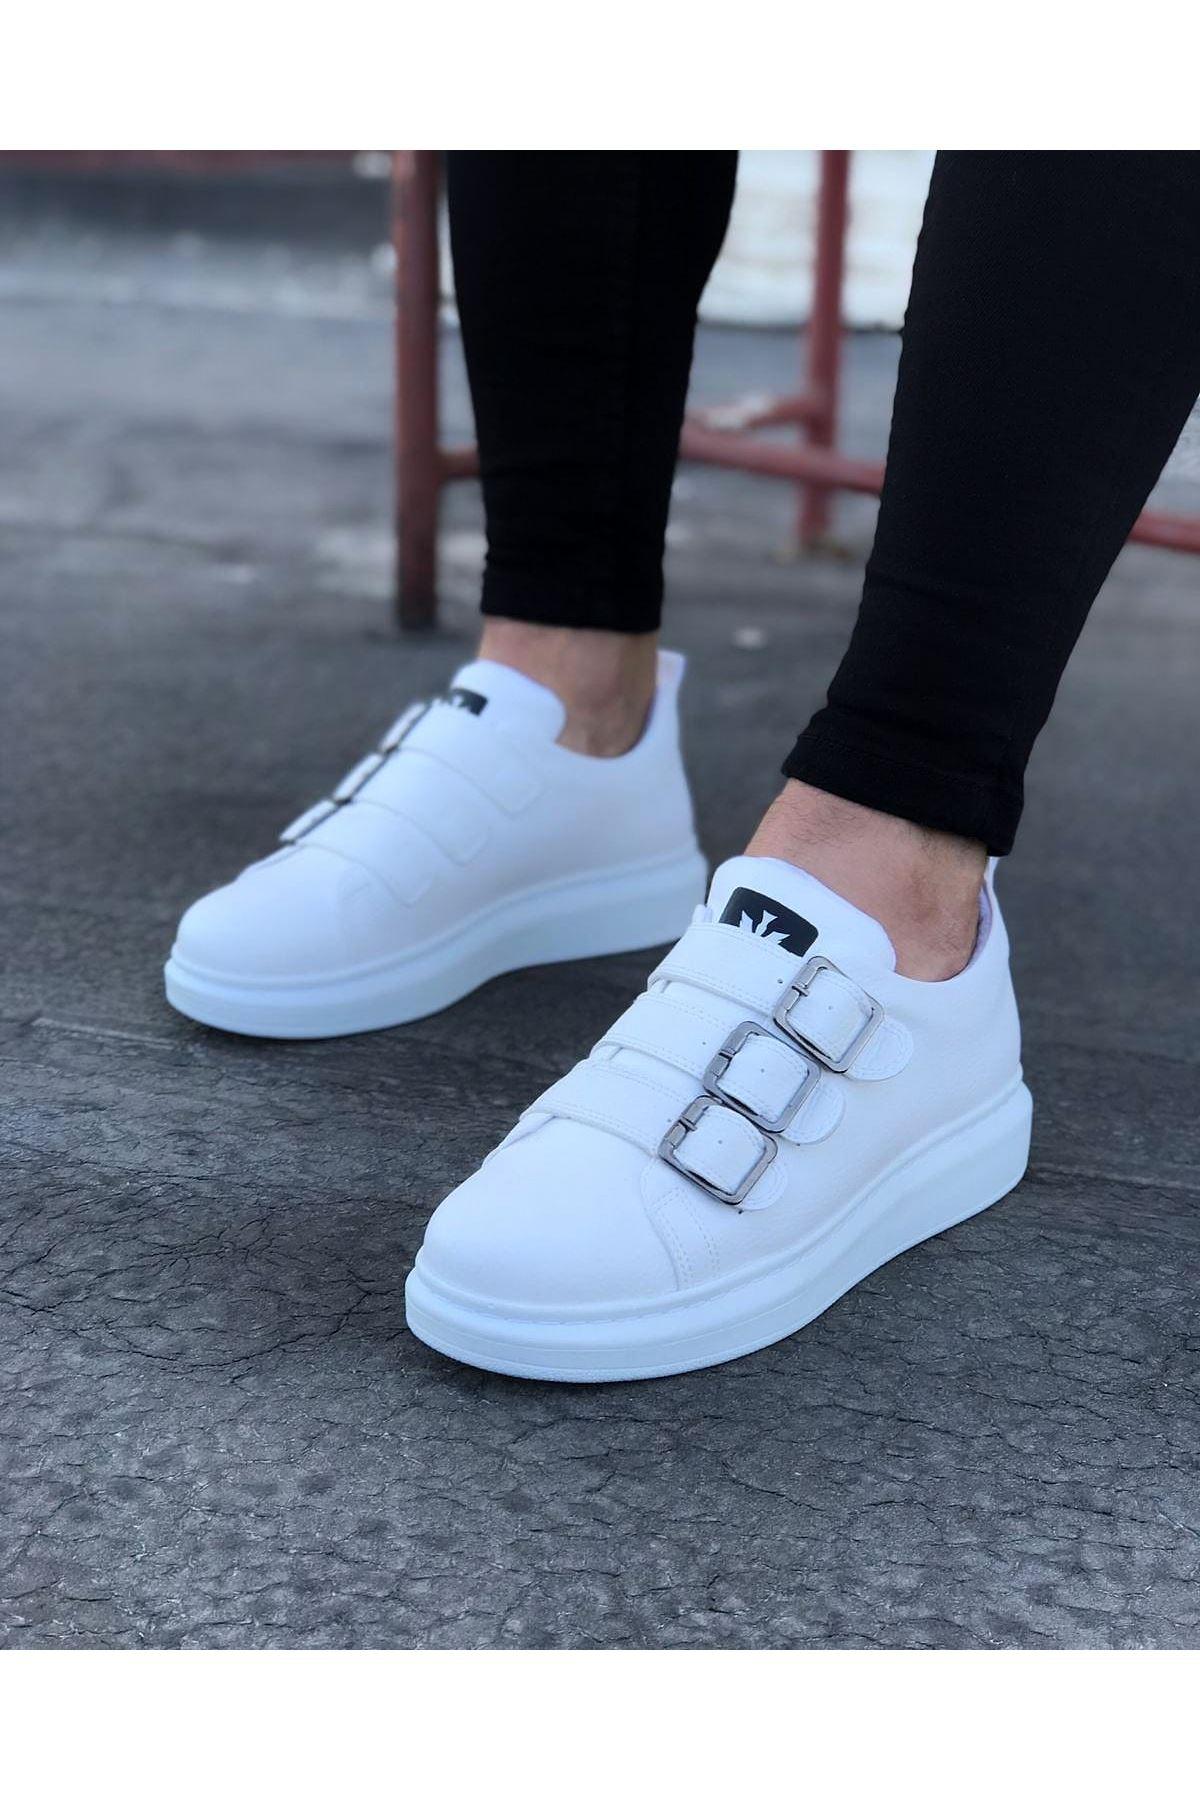 Wagoon WG050 Beyaz Tokalı Kalın Taban Erkek Ayakkabı